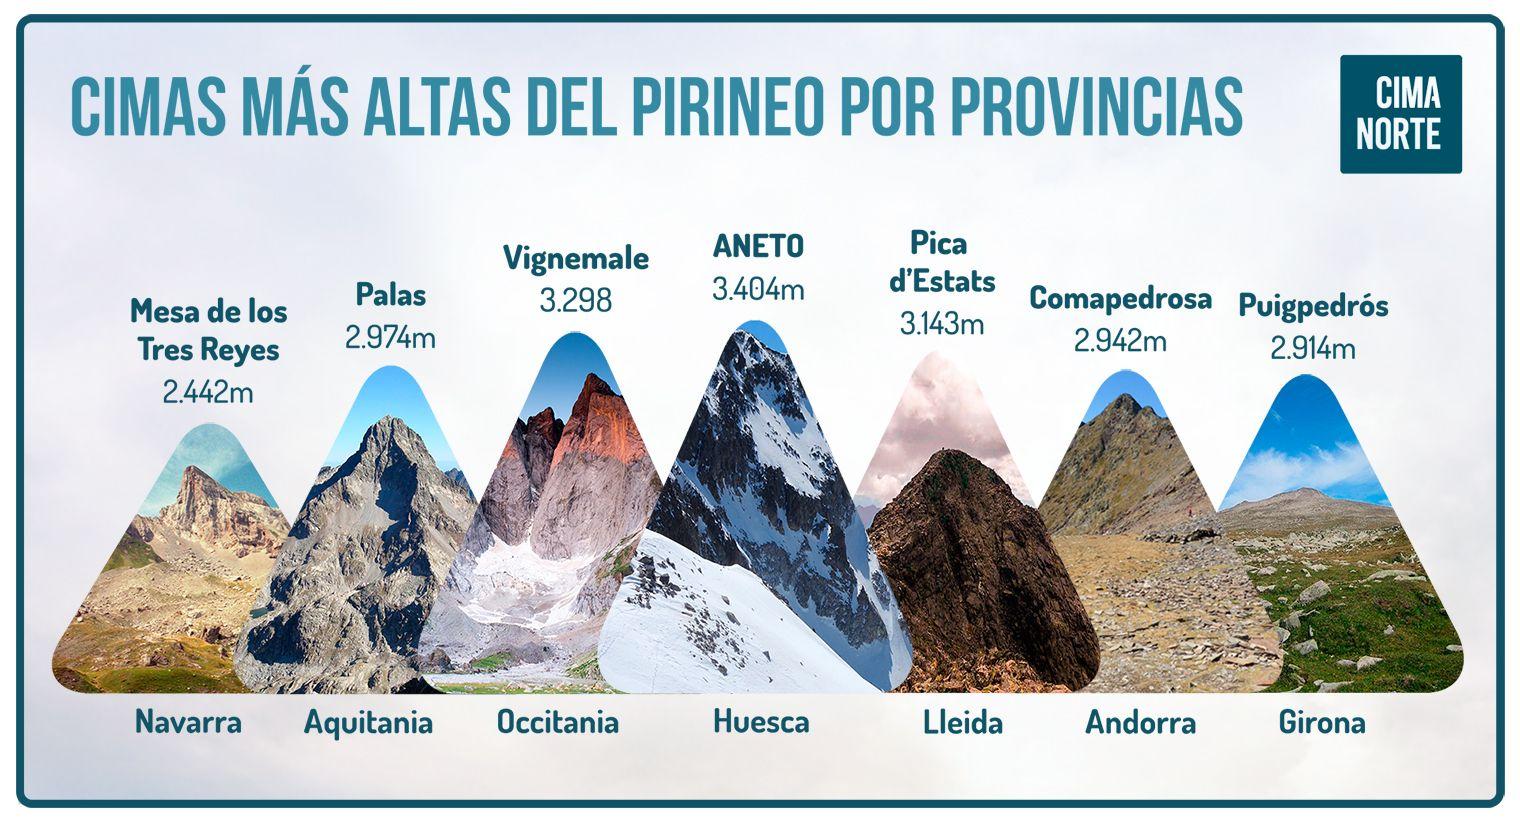 cimas más altas del pirineo por provincias mapa infografia cima norte pirineos pyrenees